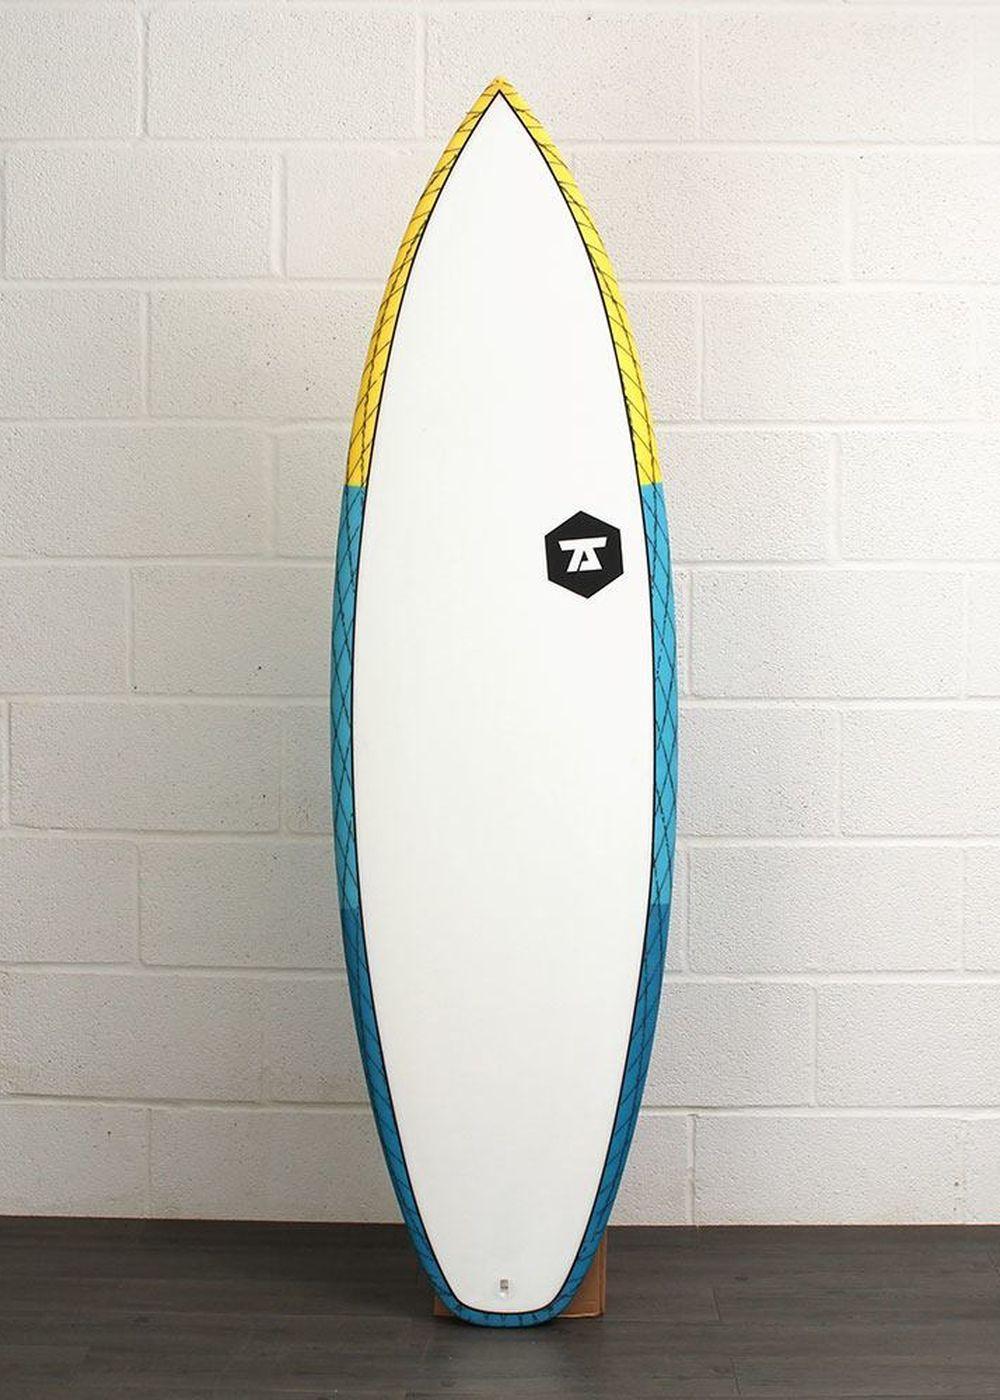 7S SALT SHAKER CV SURFBOARD 6ft 0 Yellow/Blue